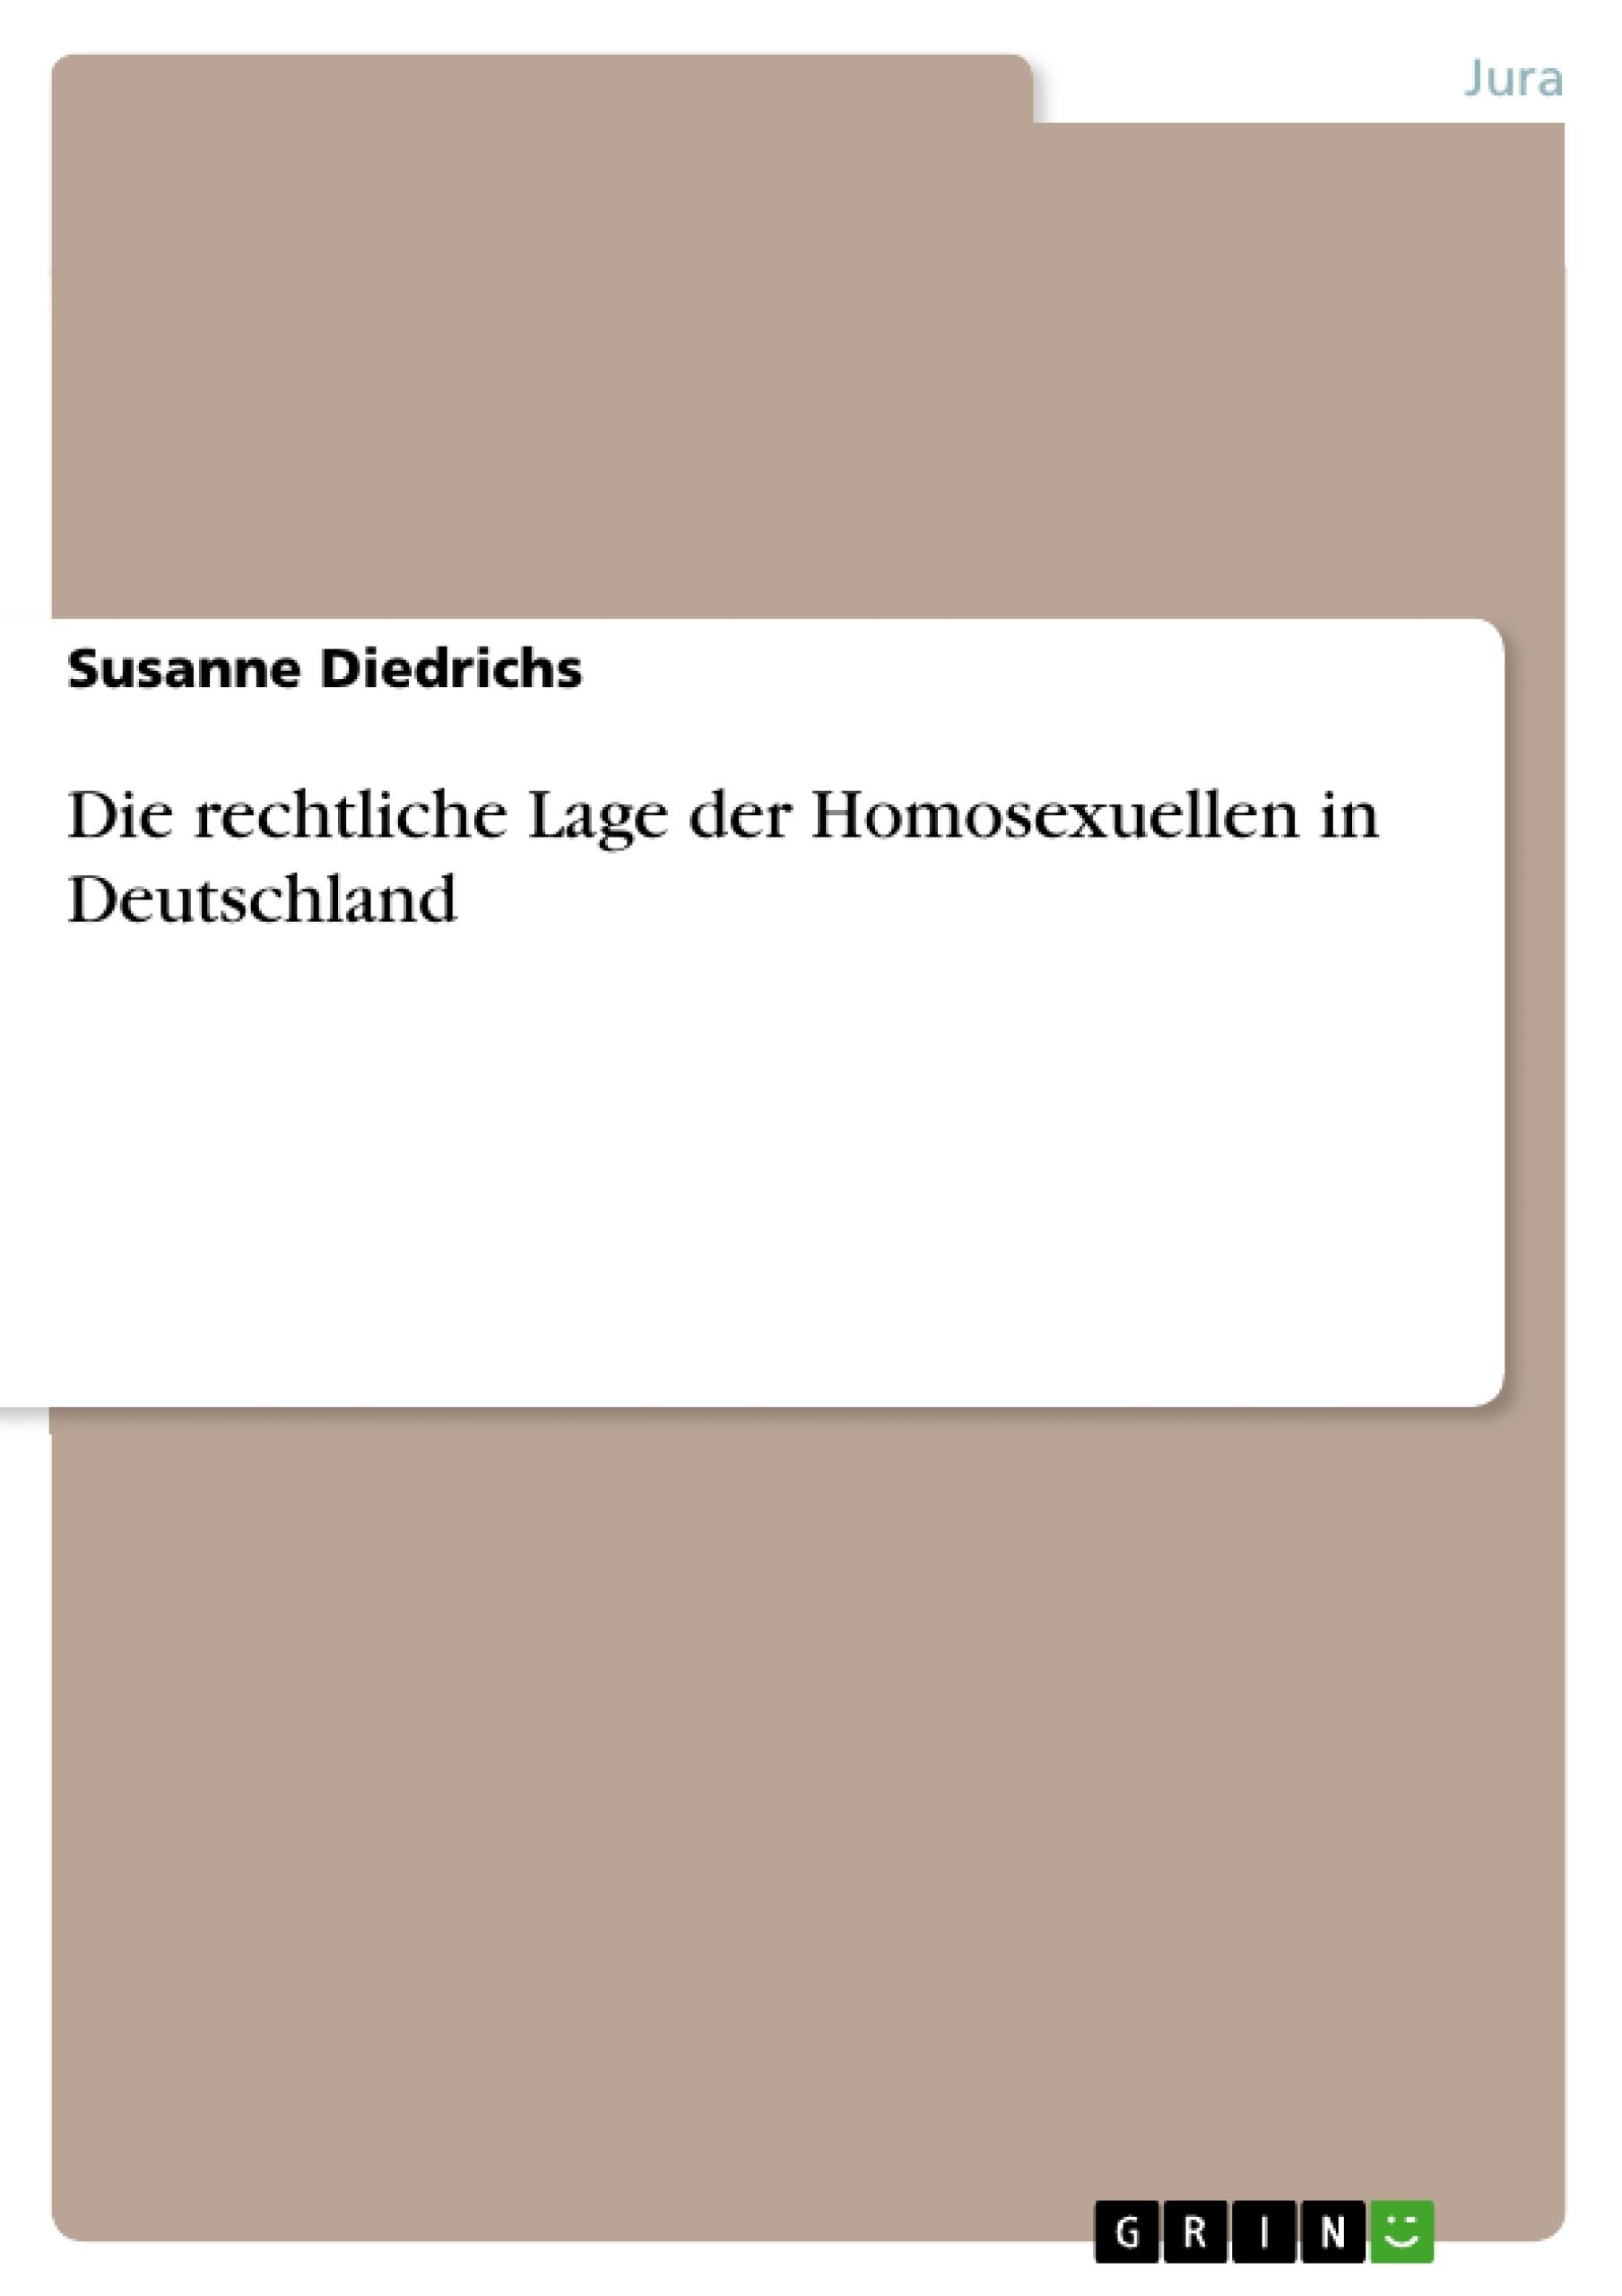 Titel: Die rechtliche Lage der Homosexuellen in Deutschland